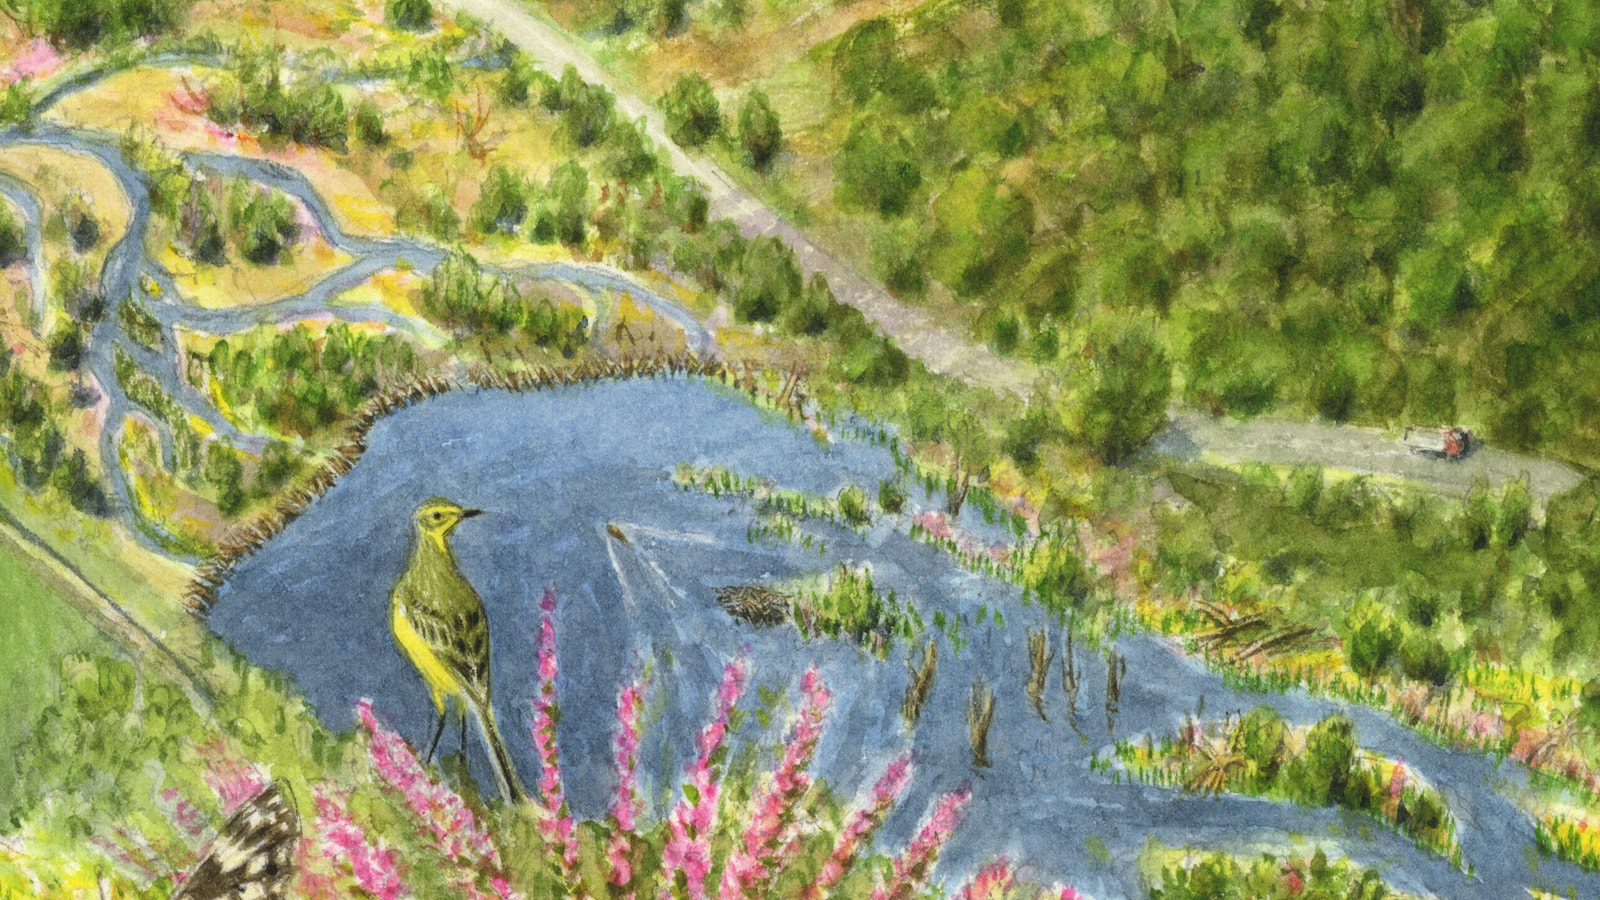 Uplands future wetlands